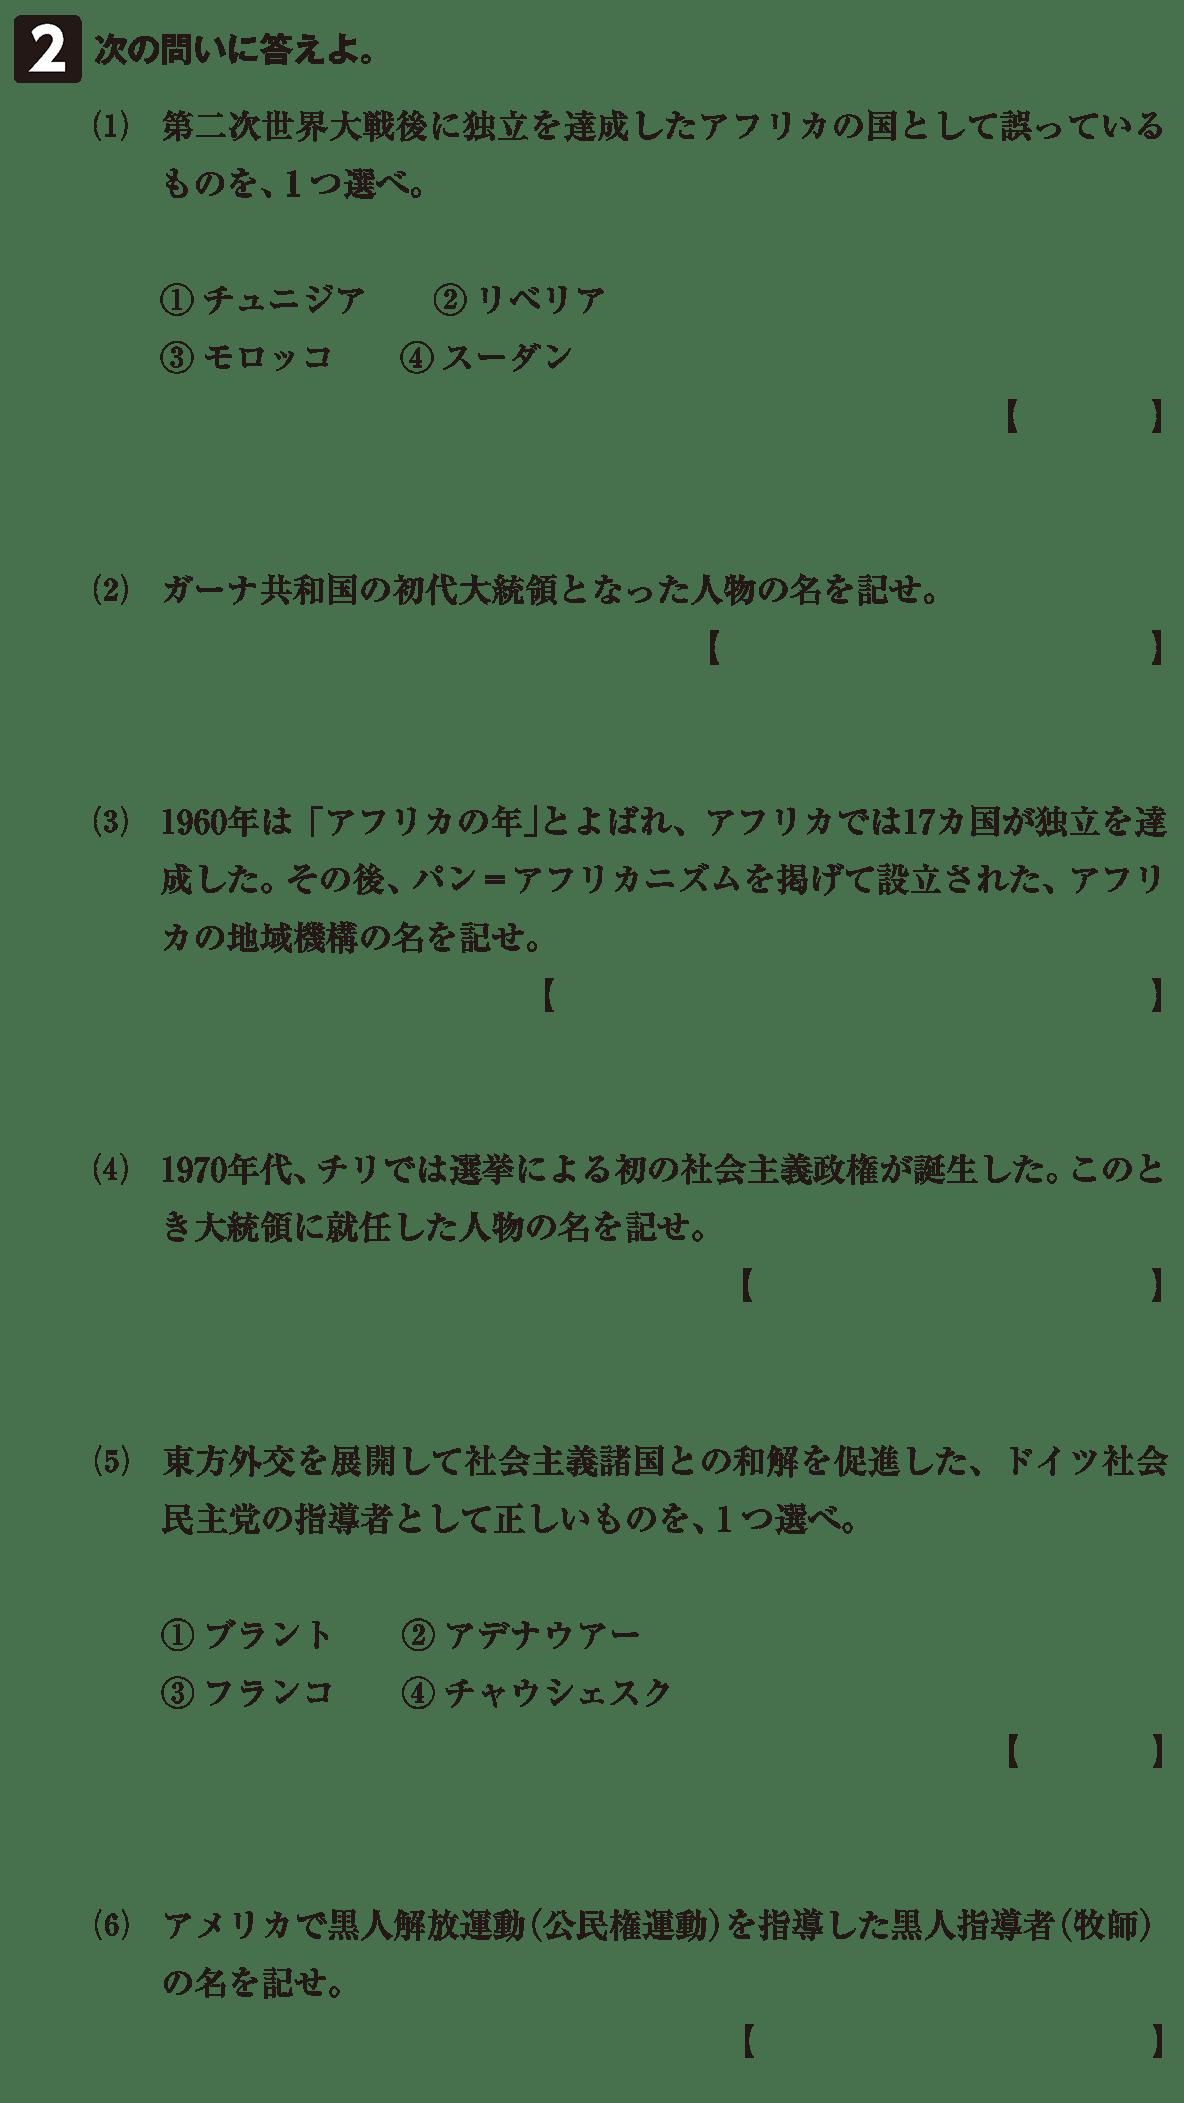 第三勢力の台頭と米ソの歩み寄り7 確認テスト(後半)